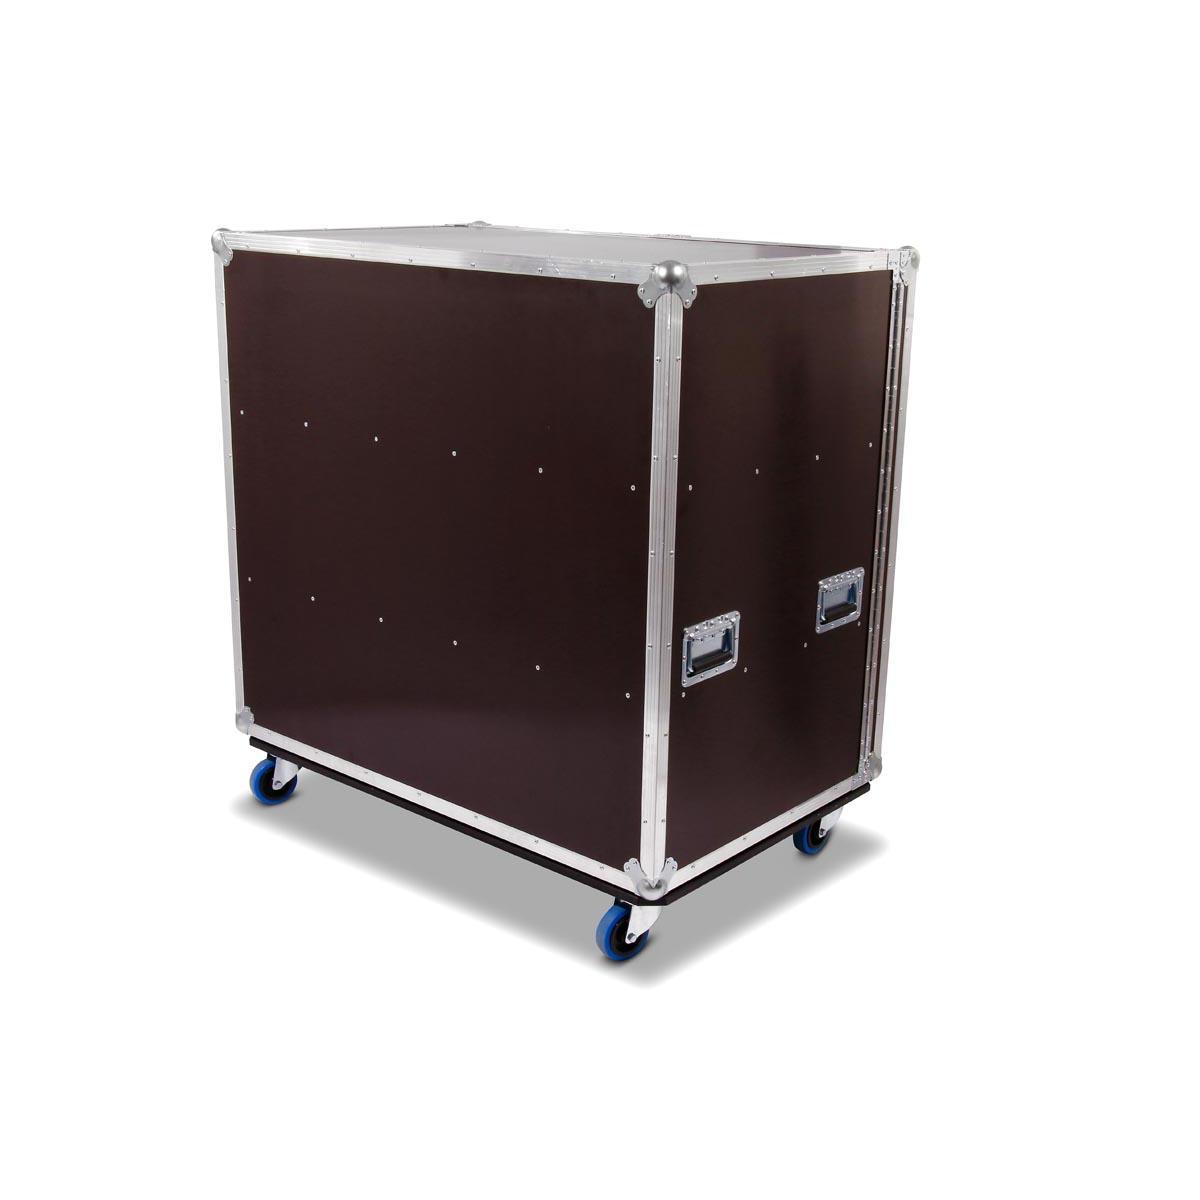 Flightcase Schrank Mit 2x Fachboden Lange 110cm Hohe 100cm Tiefe